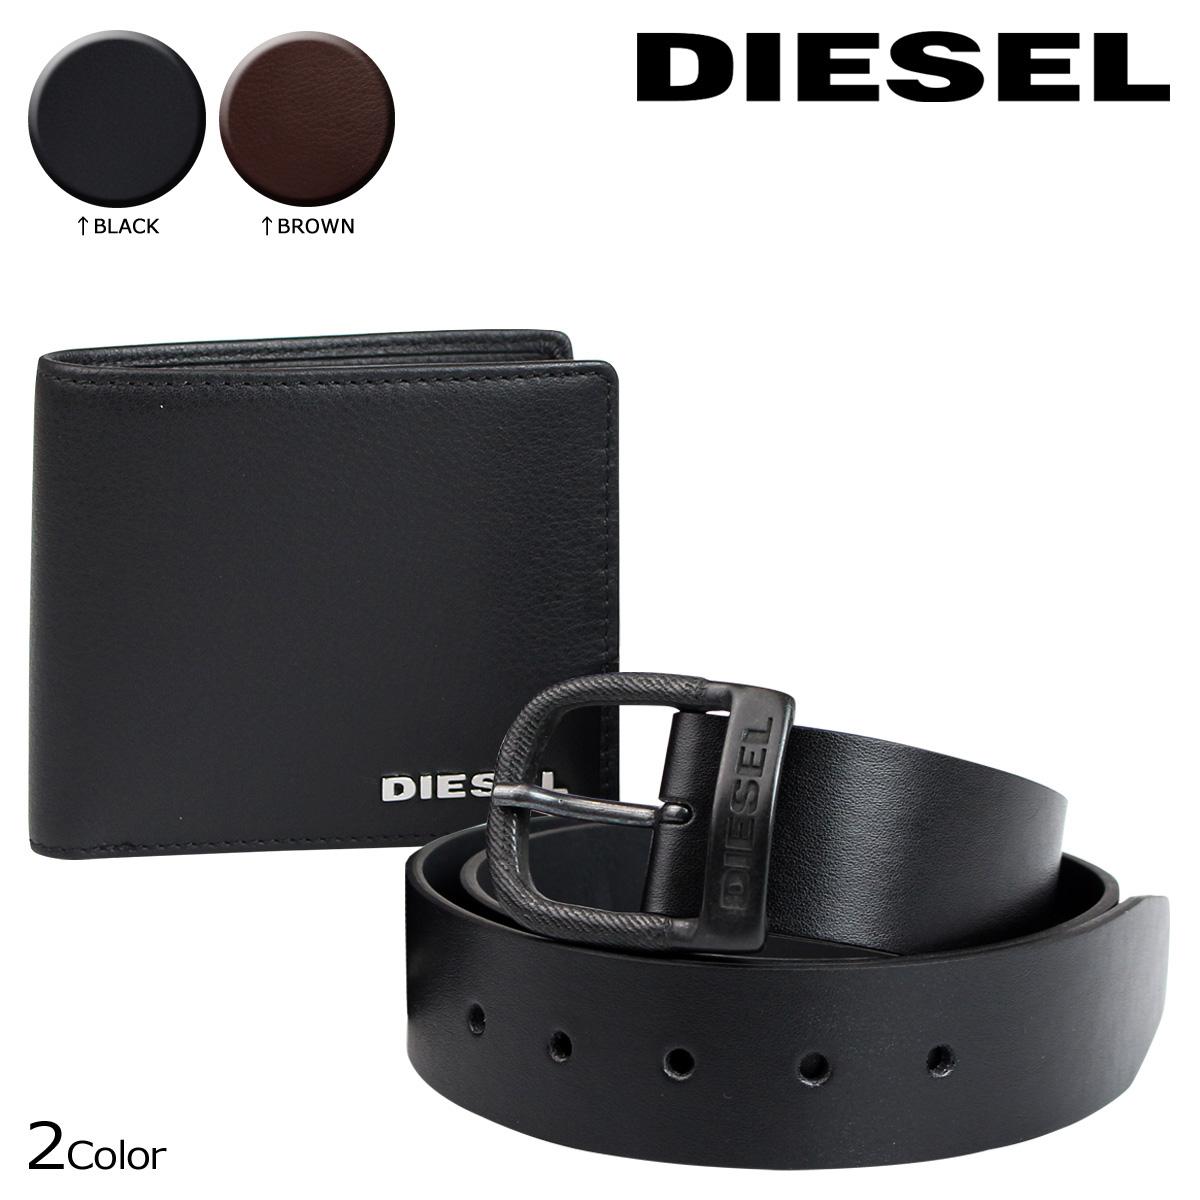 ディーゼル DIESEL 財布 ベルト メンズ レザー セット X03776 PR013